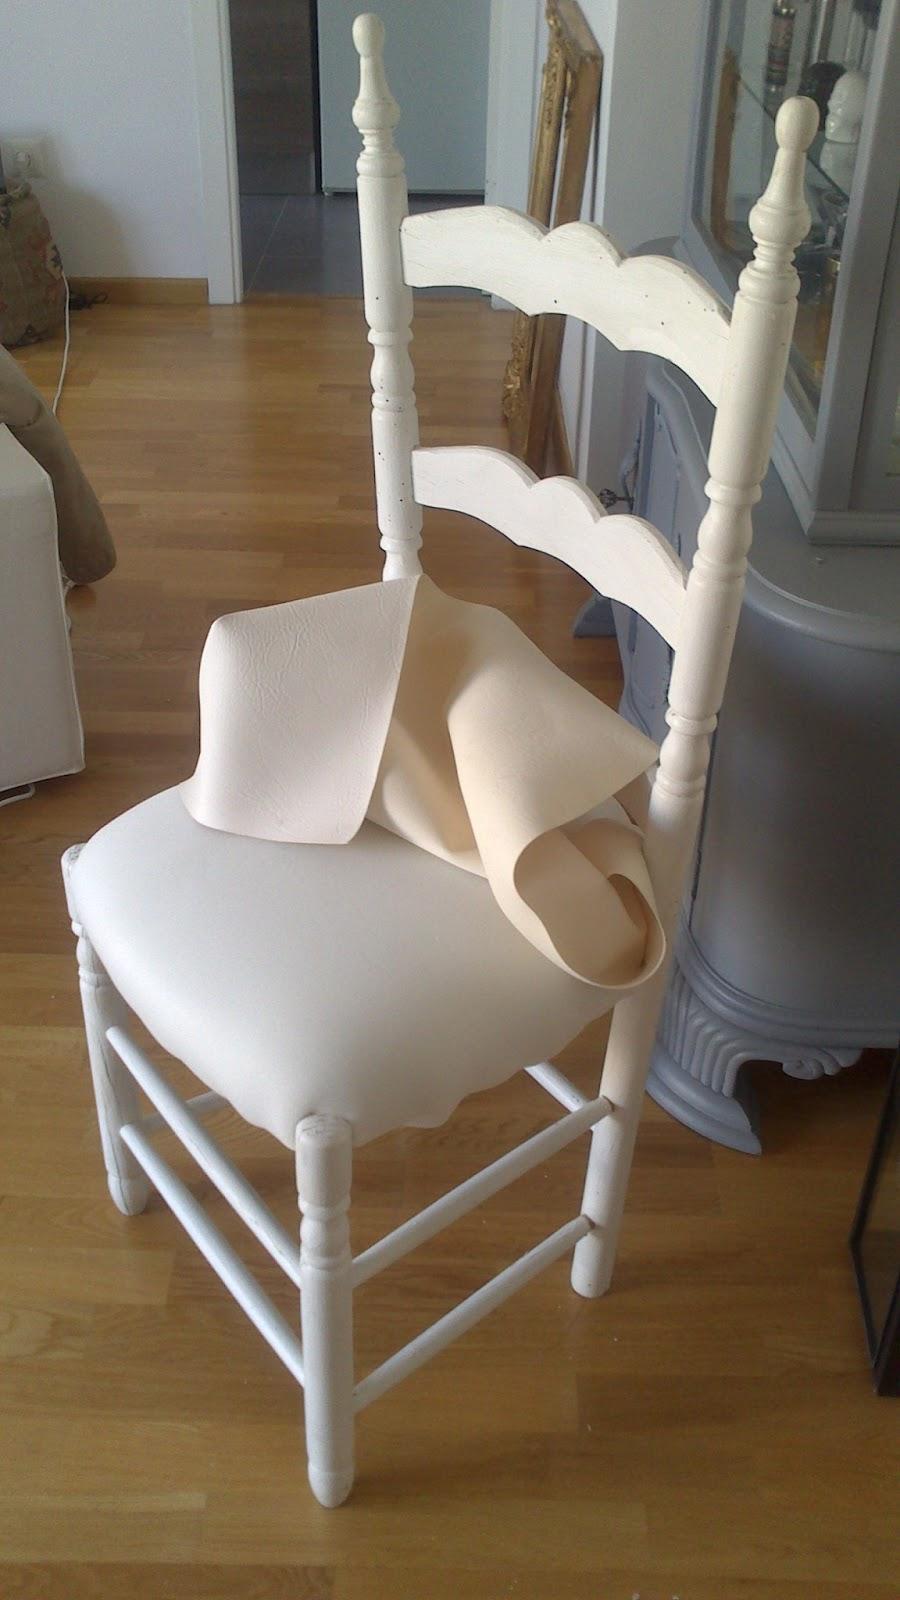 Restauraci n el palisandro tapizado de una silla sevillana - Materiales para tapizar una silla ...